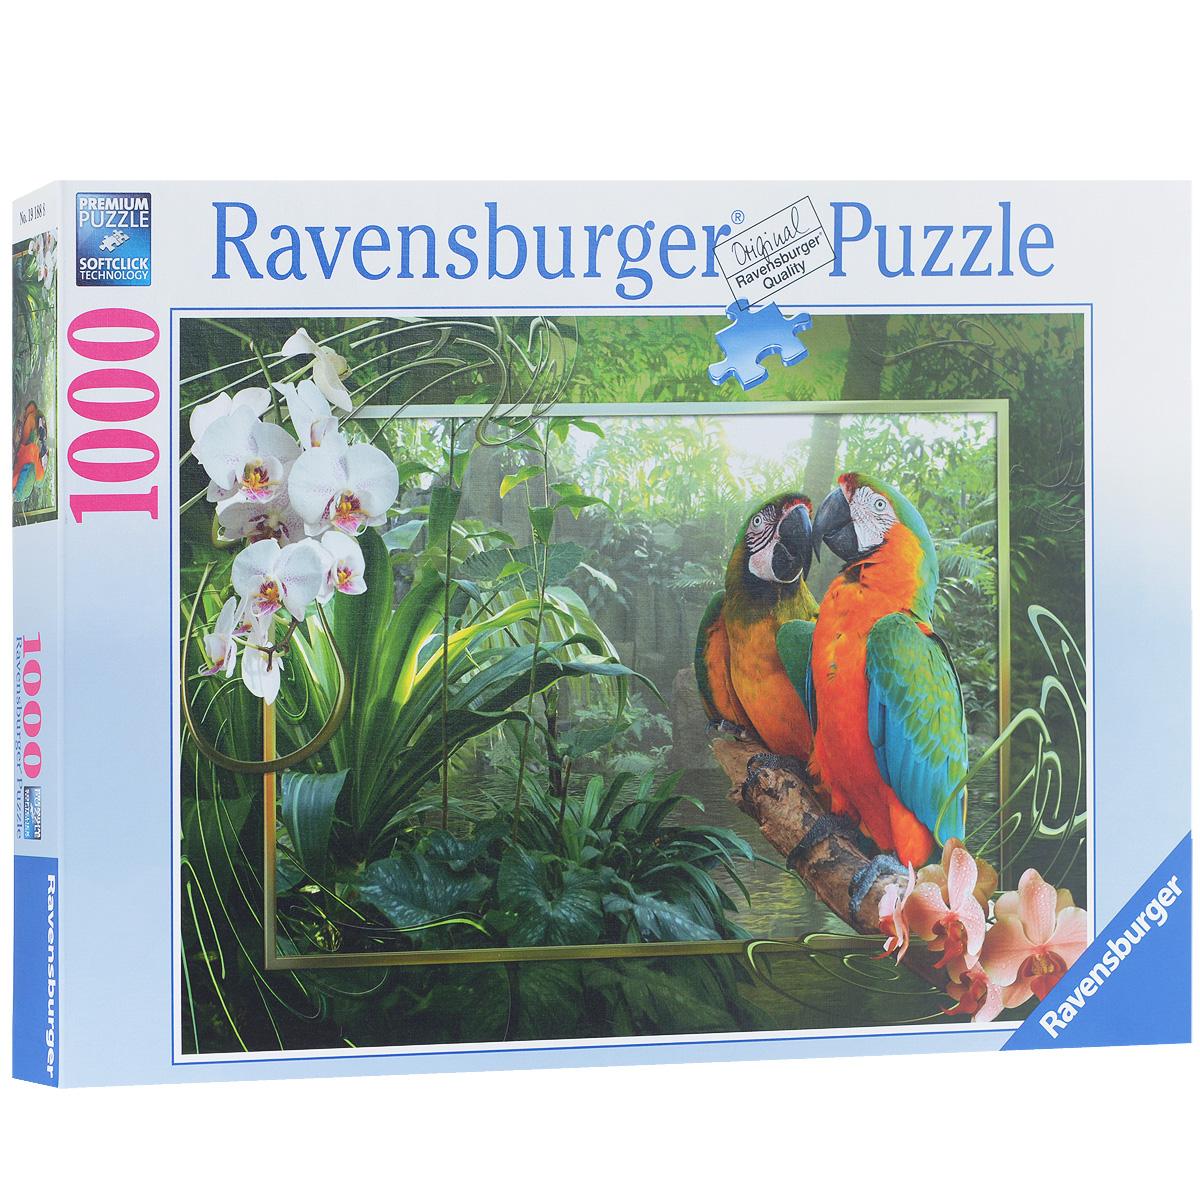 Ravensburger Попугаи Ара. Пазл, 1000 элементов19188Пазл Ravensburger Попугаи Ара, без сомнения, придется вам по душе. Собрав этот пазл, включающий в себя 1000 элементов, вы получите великолепную картину с изображением попугаев Ара. Каждая деталь имеет свою форму и подходит только на своё место. Нет двух одинаковых деталей! Пазл изготовлен из картона высочайшего качества. Все изображения аккуратно отсканированы и напечатаны на ламинированной бумаге. Пазл - великолепная игра для семейного досуга. Сегодня собирание пазлов стало особенно популярным, главным образом, благодаря своей многообразной тематике, способной удовлетворить самый взыскательный вкус. А для детей это не только интересно, но и полезно. Собирание пазла развивает мелкую моторику у ребенка, тренирует наблюдательность, логическое мышление, знакомит с окружающим миром, с цветом и разнообразными формами.